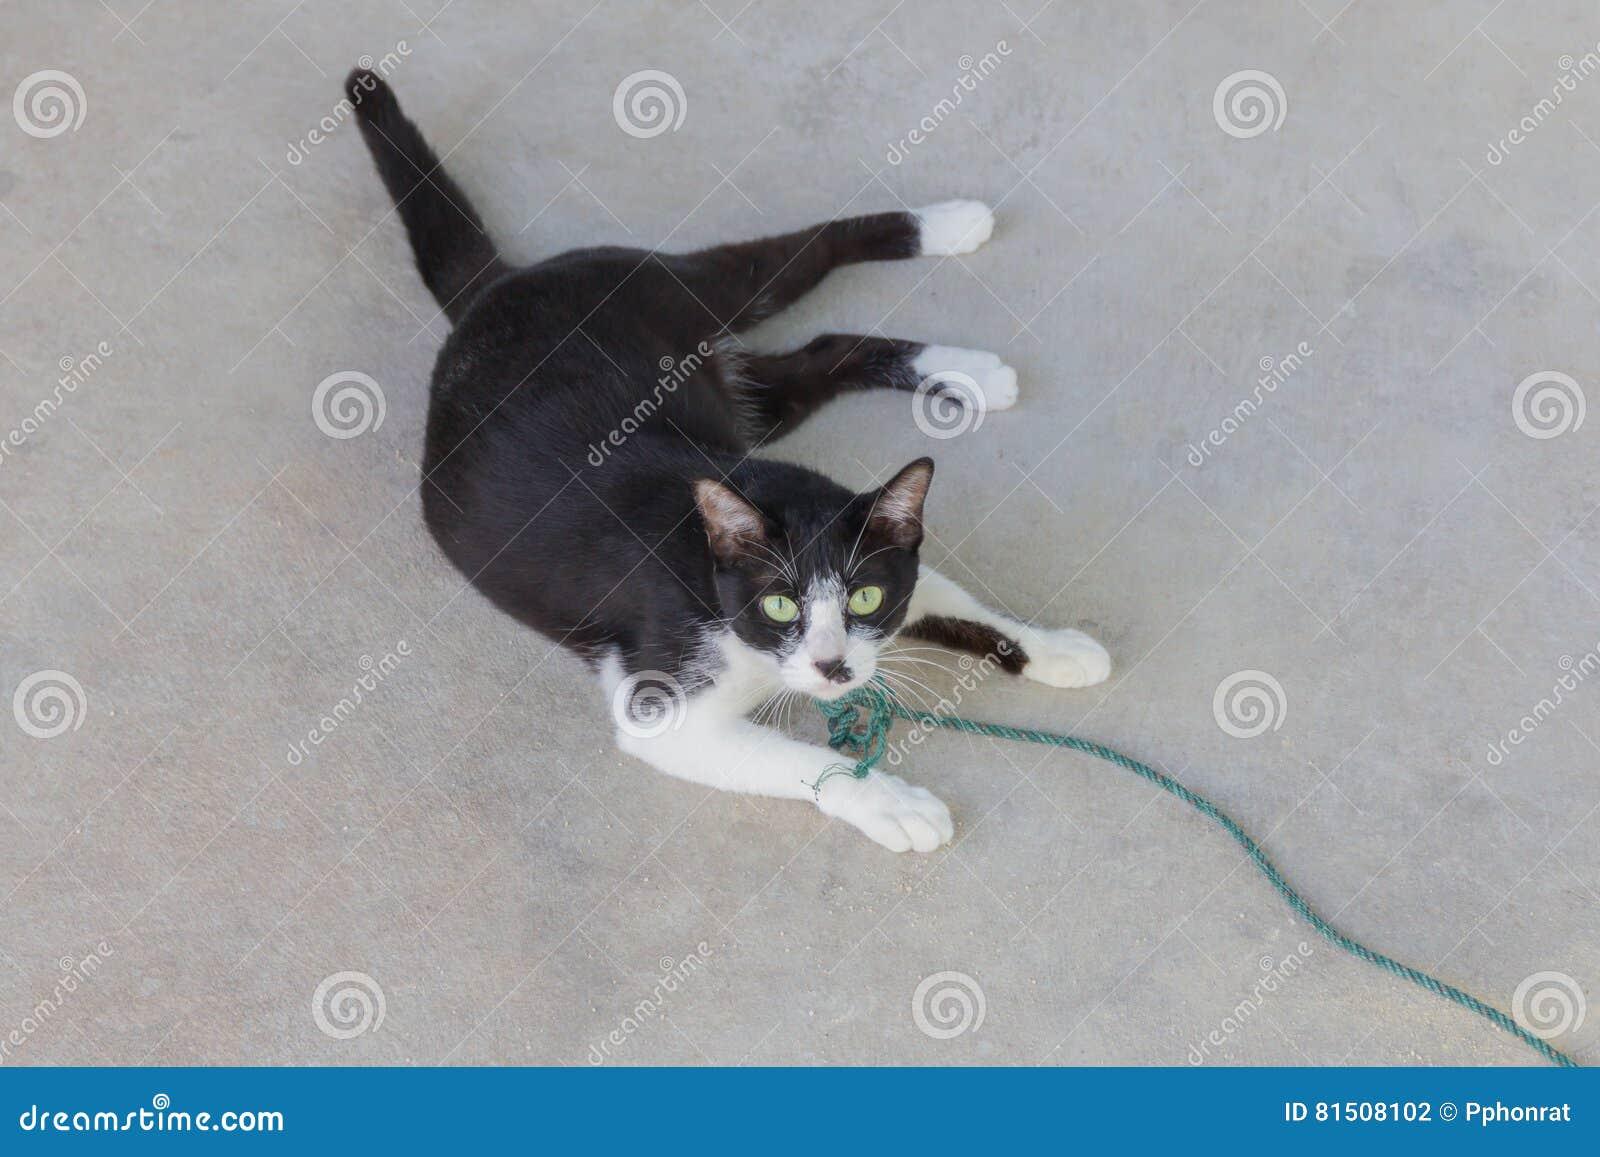 Retrato siniestro espeluznante de la cara del gato negro